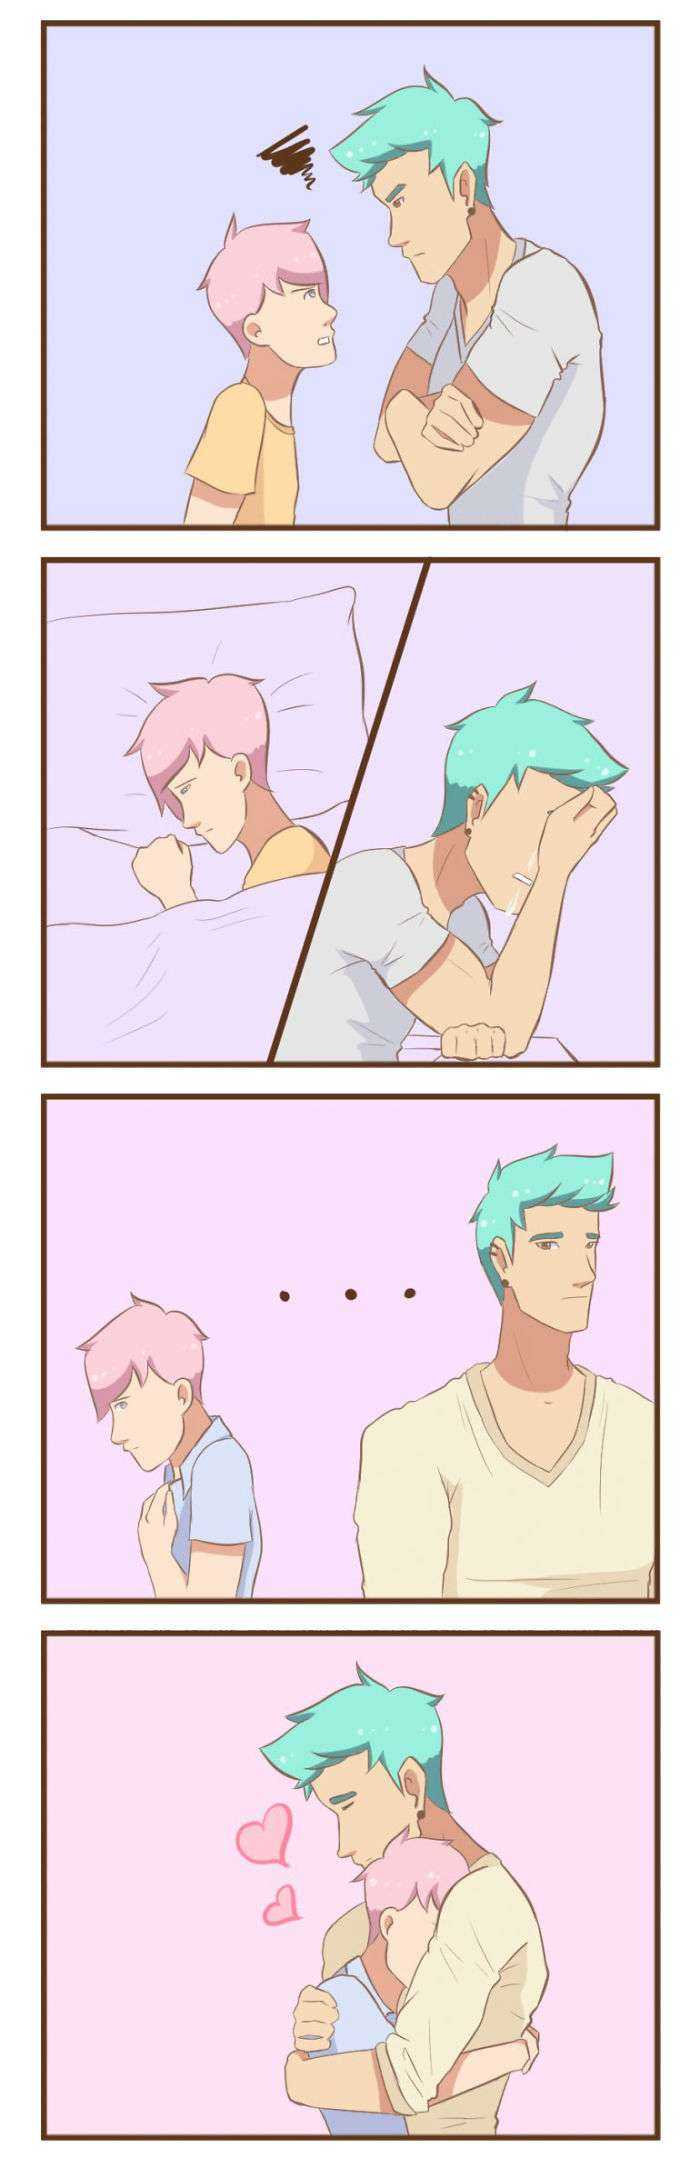 1522241344 278 20 adorables comics sobre la vida diaria de una pareja gay - 20 Adorables cómics sobre la vida diaria de una pareja gay